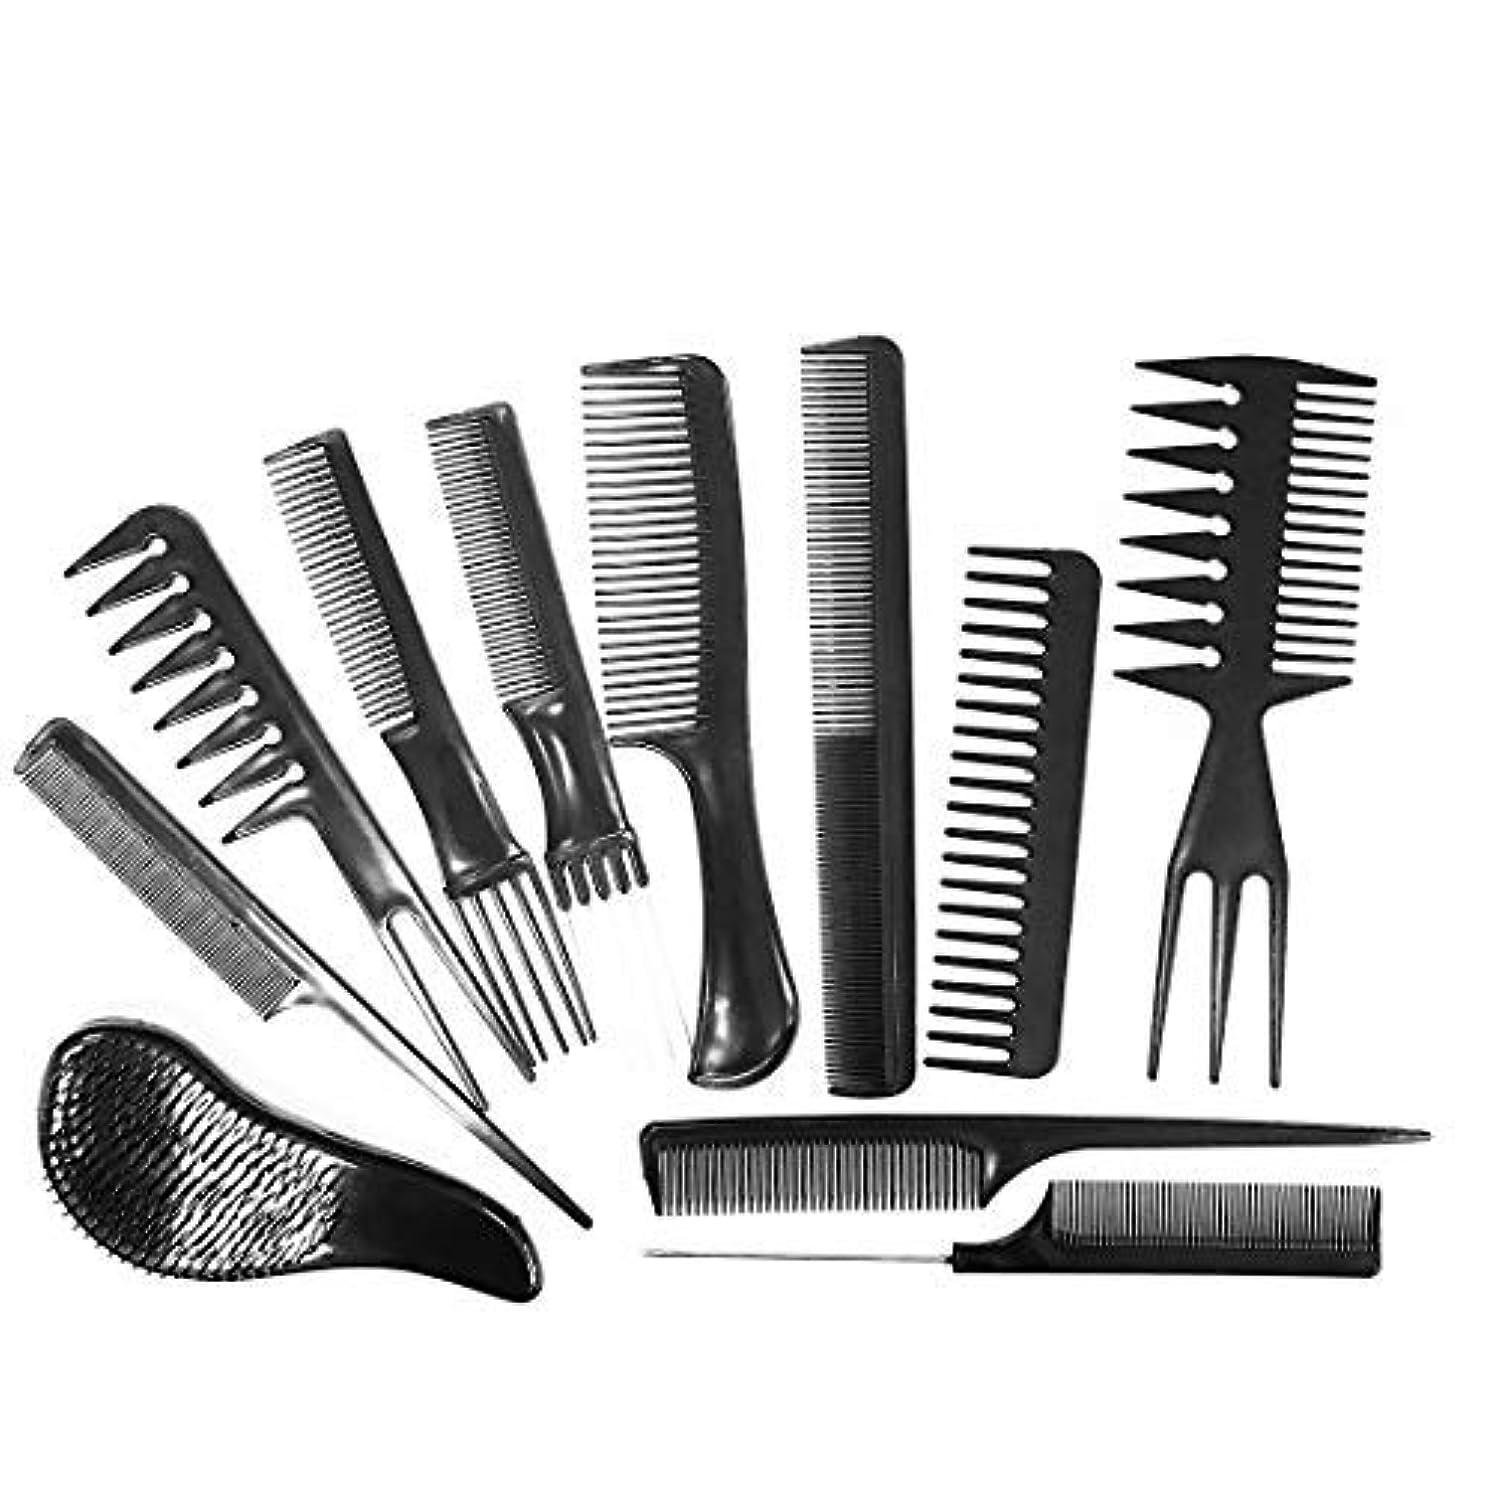 流産直感最初Daimay Professional Hair Styling Comb Set Hair Styling Clips Salon Hair Styling Barbers Comb Set Variety Pack...